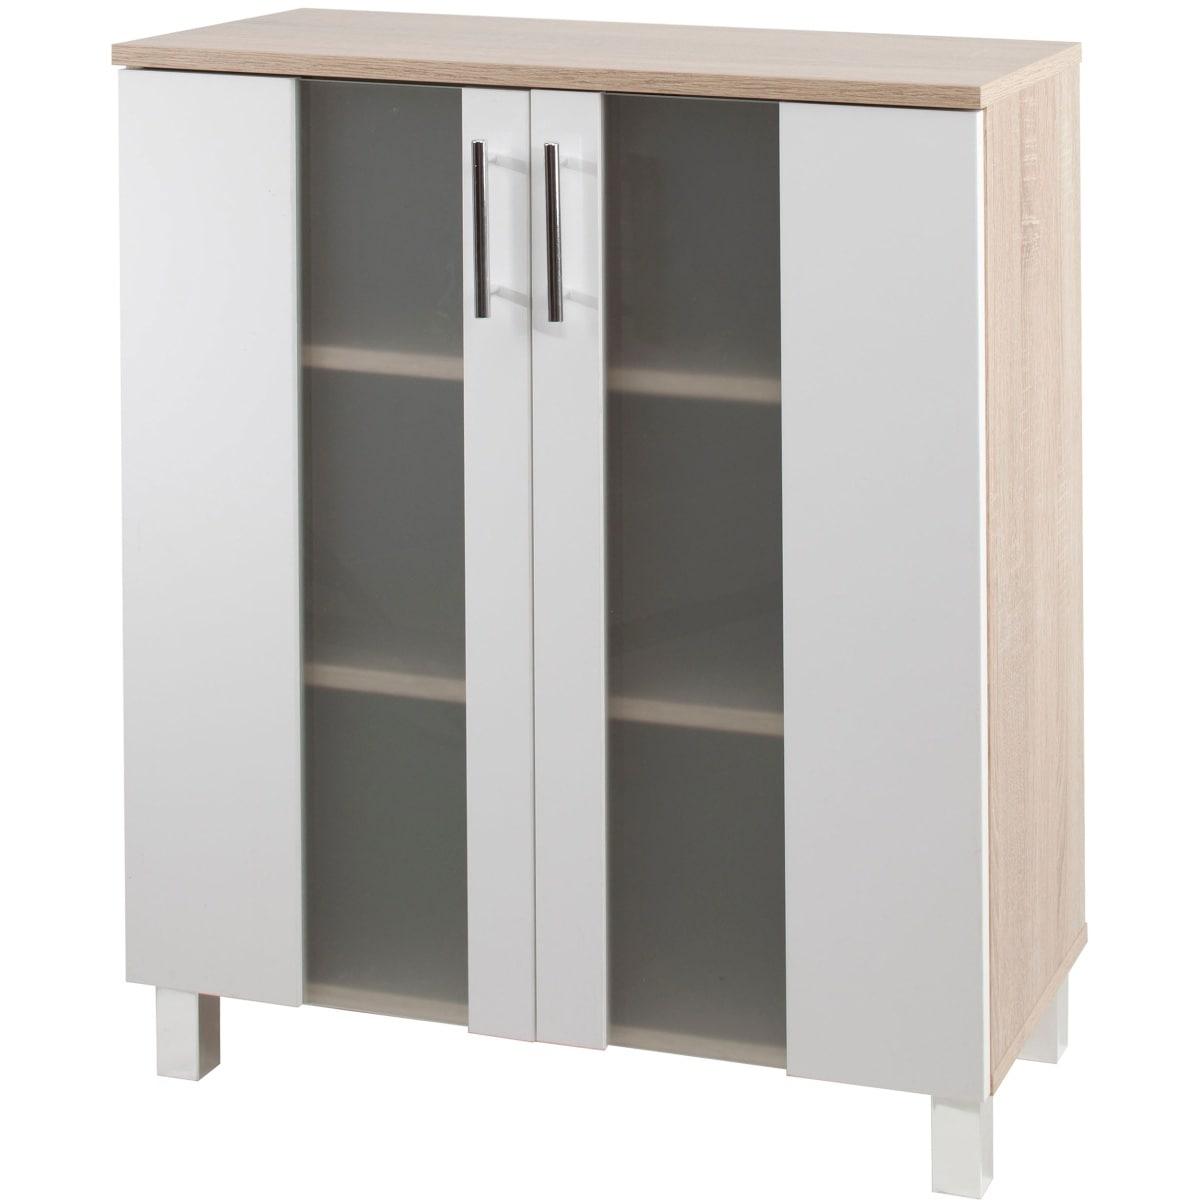 Küche Möbel Boss mit gut stil für ihr haus design ideen